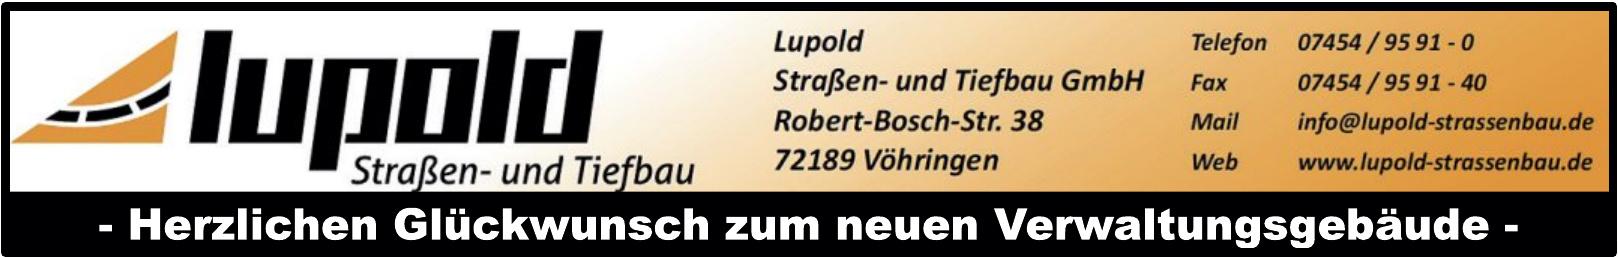 Lupold Straßen- und Tiefbau GmbH